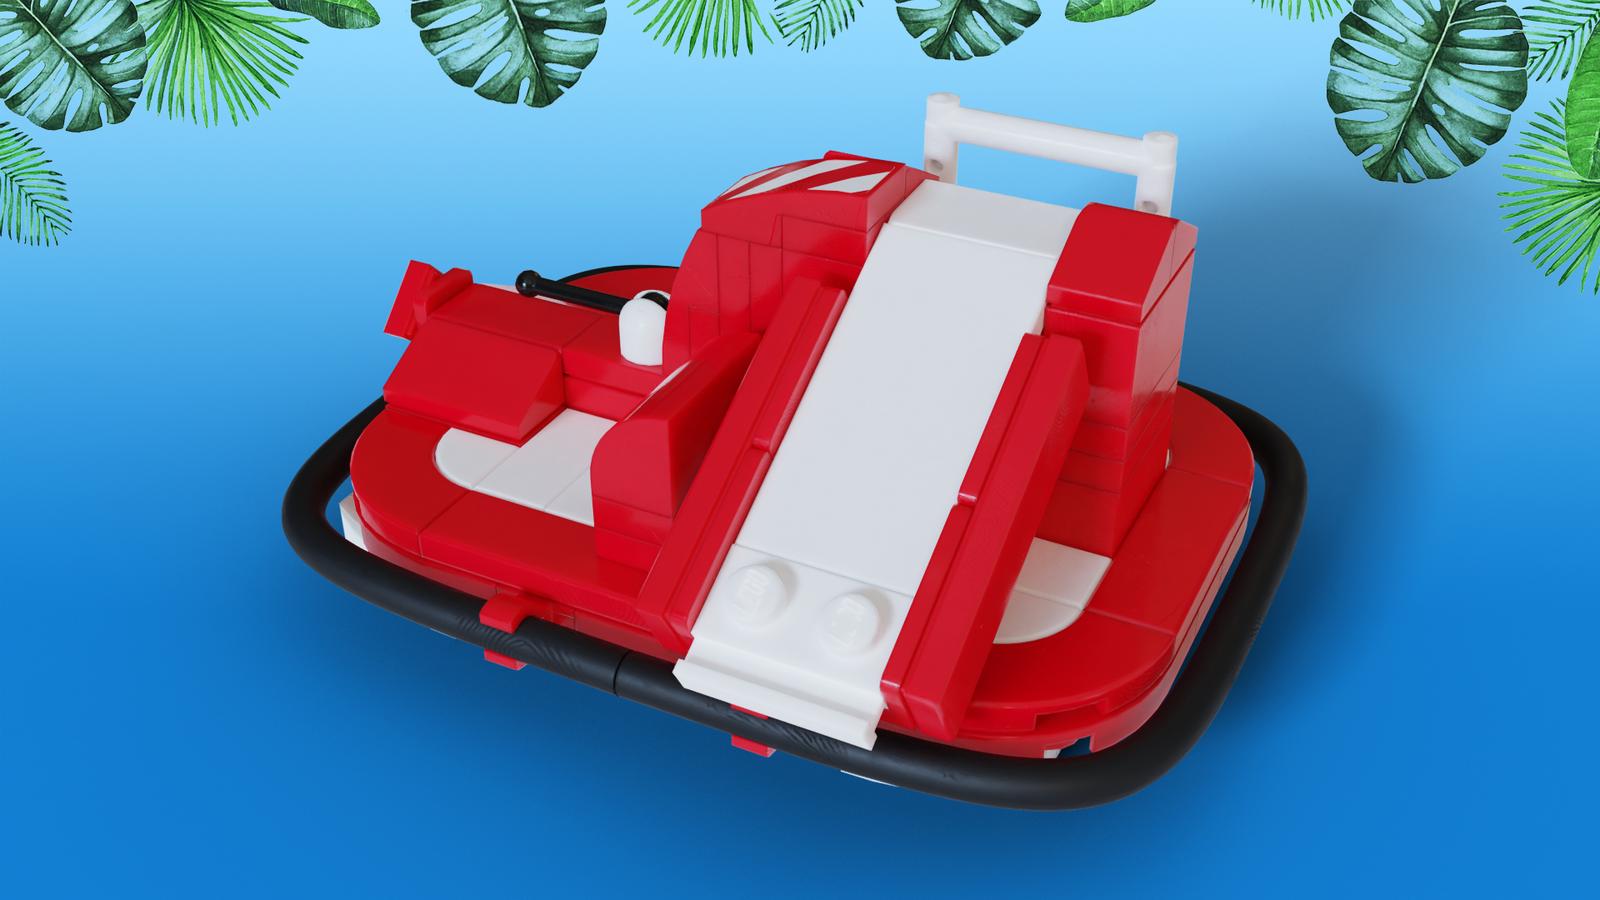 tretboot-lego-rutsche zusammengebaut.com